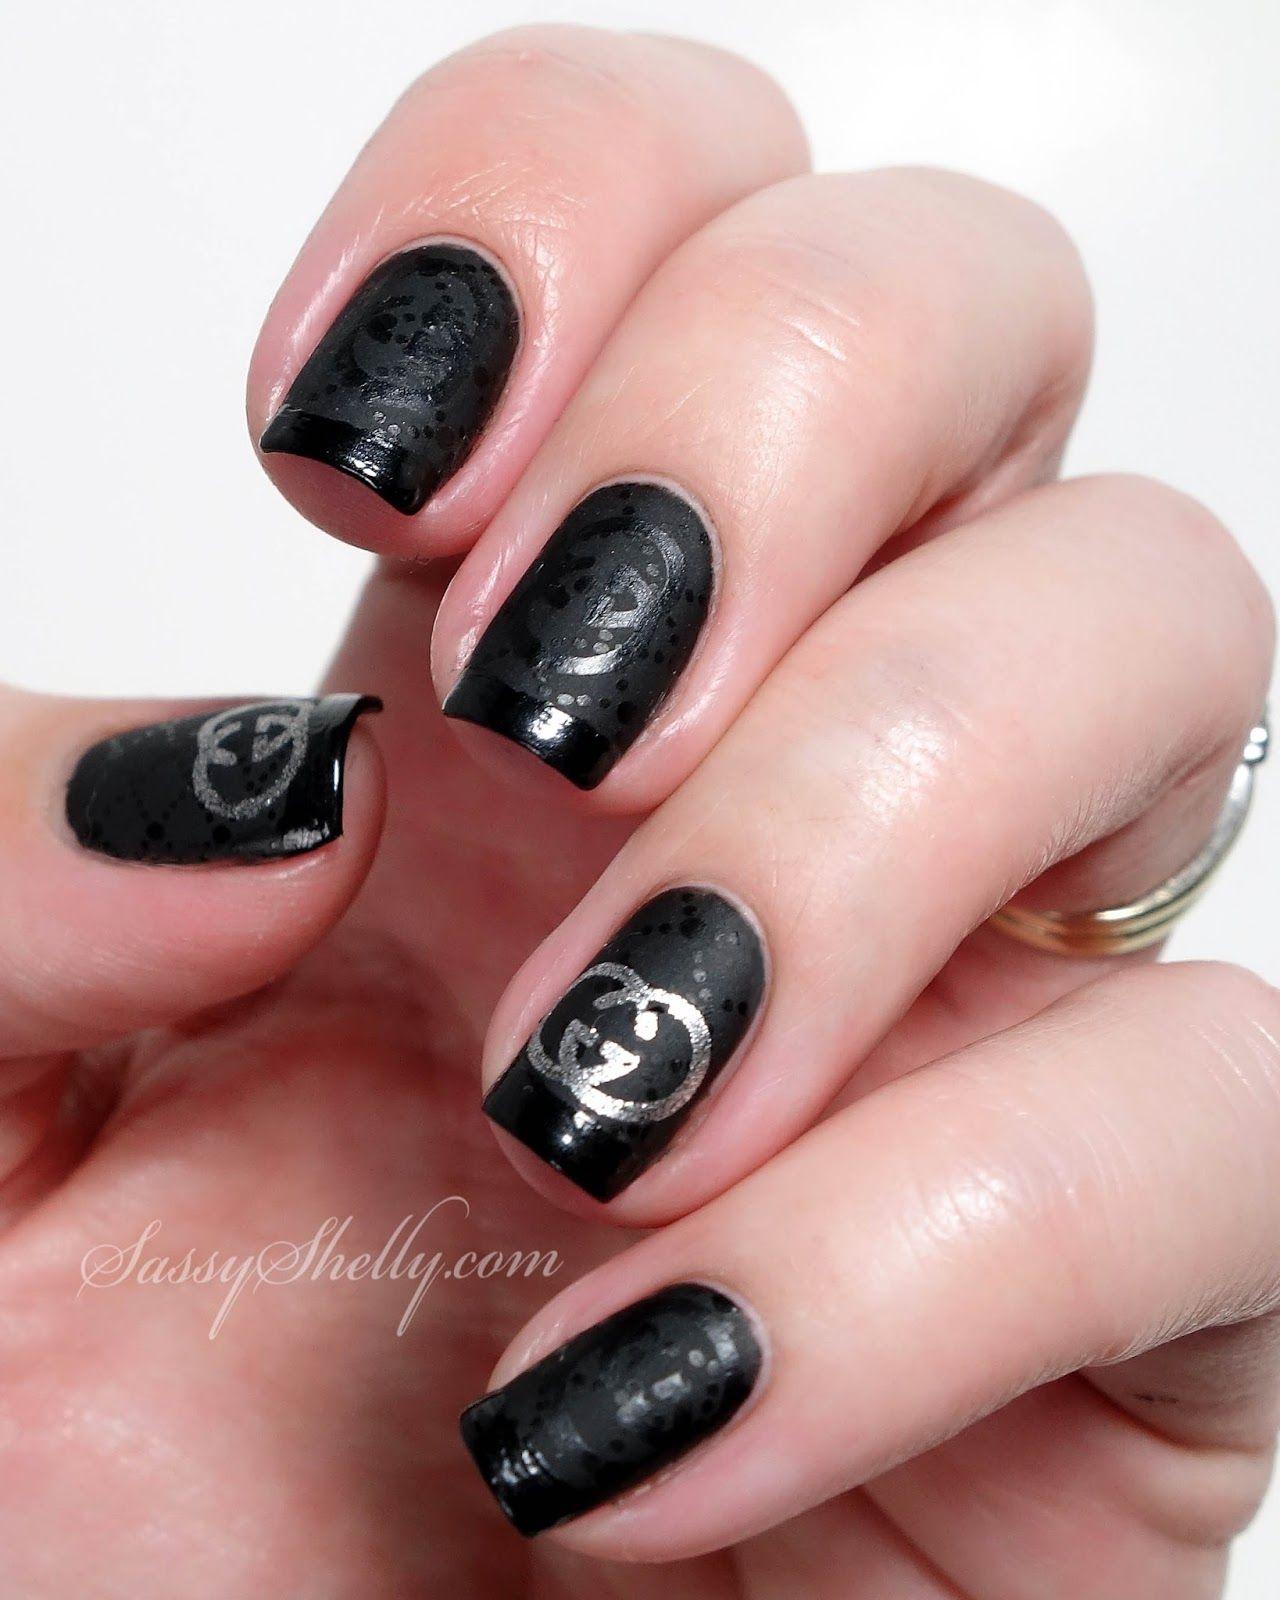 Digit-al Dozen DOES Brands - Gucci Nails | Stamping nail art, Nail ...